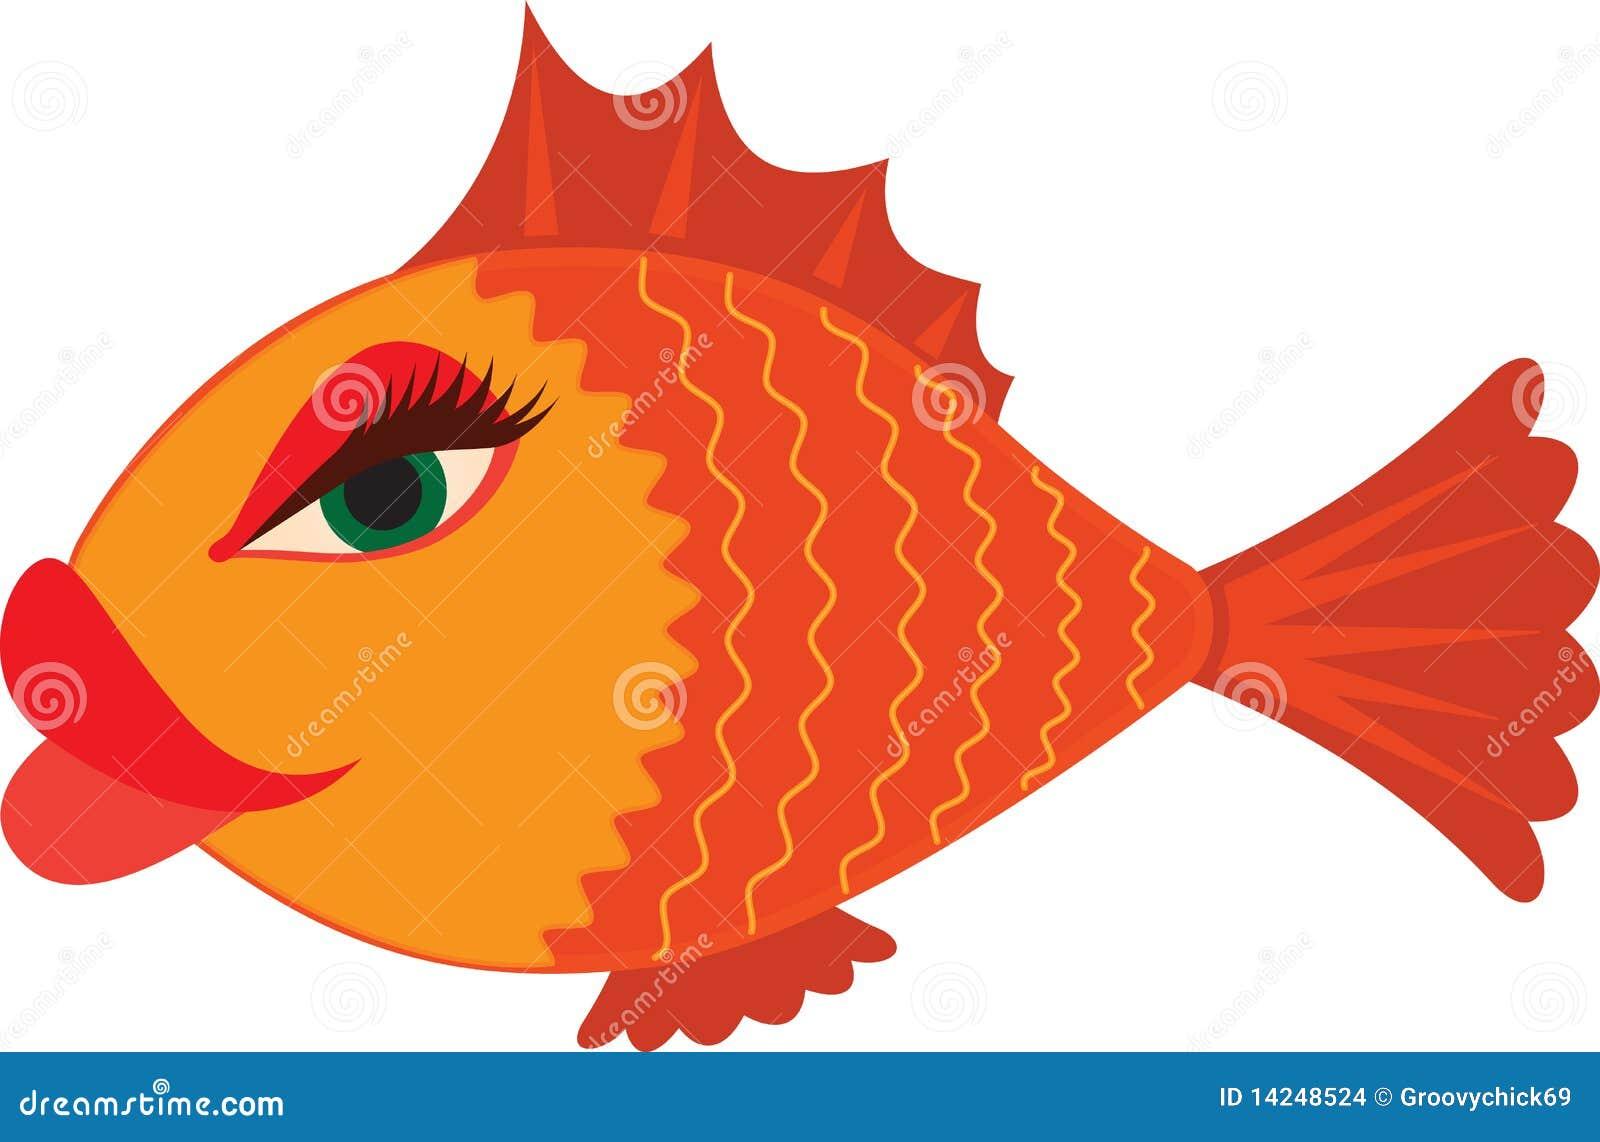 Fish Lips Stock Illustrations – 409 Fish Lips Stock Illustrations ...